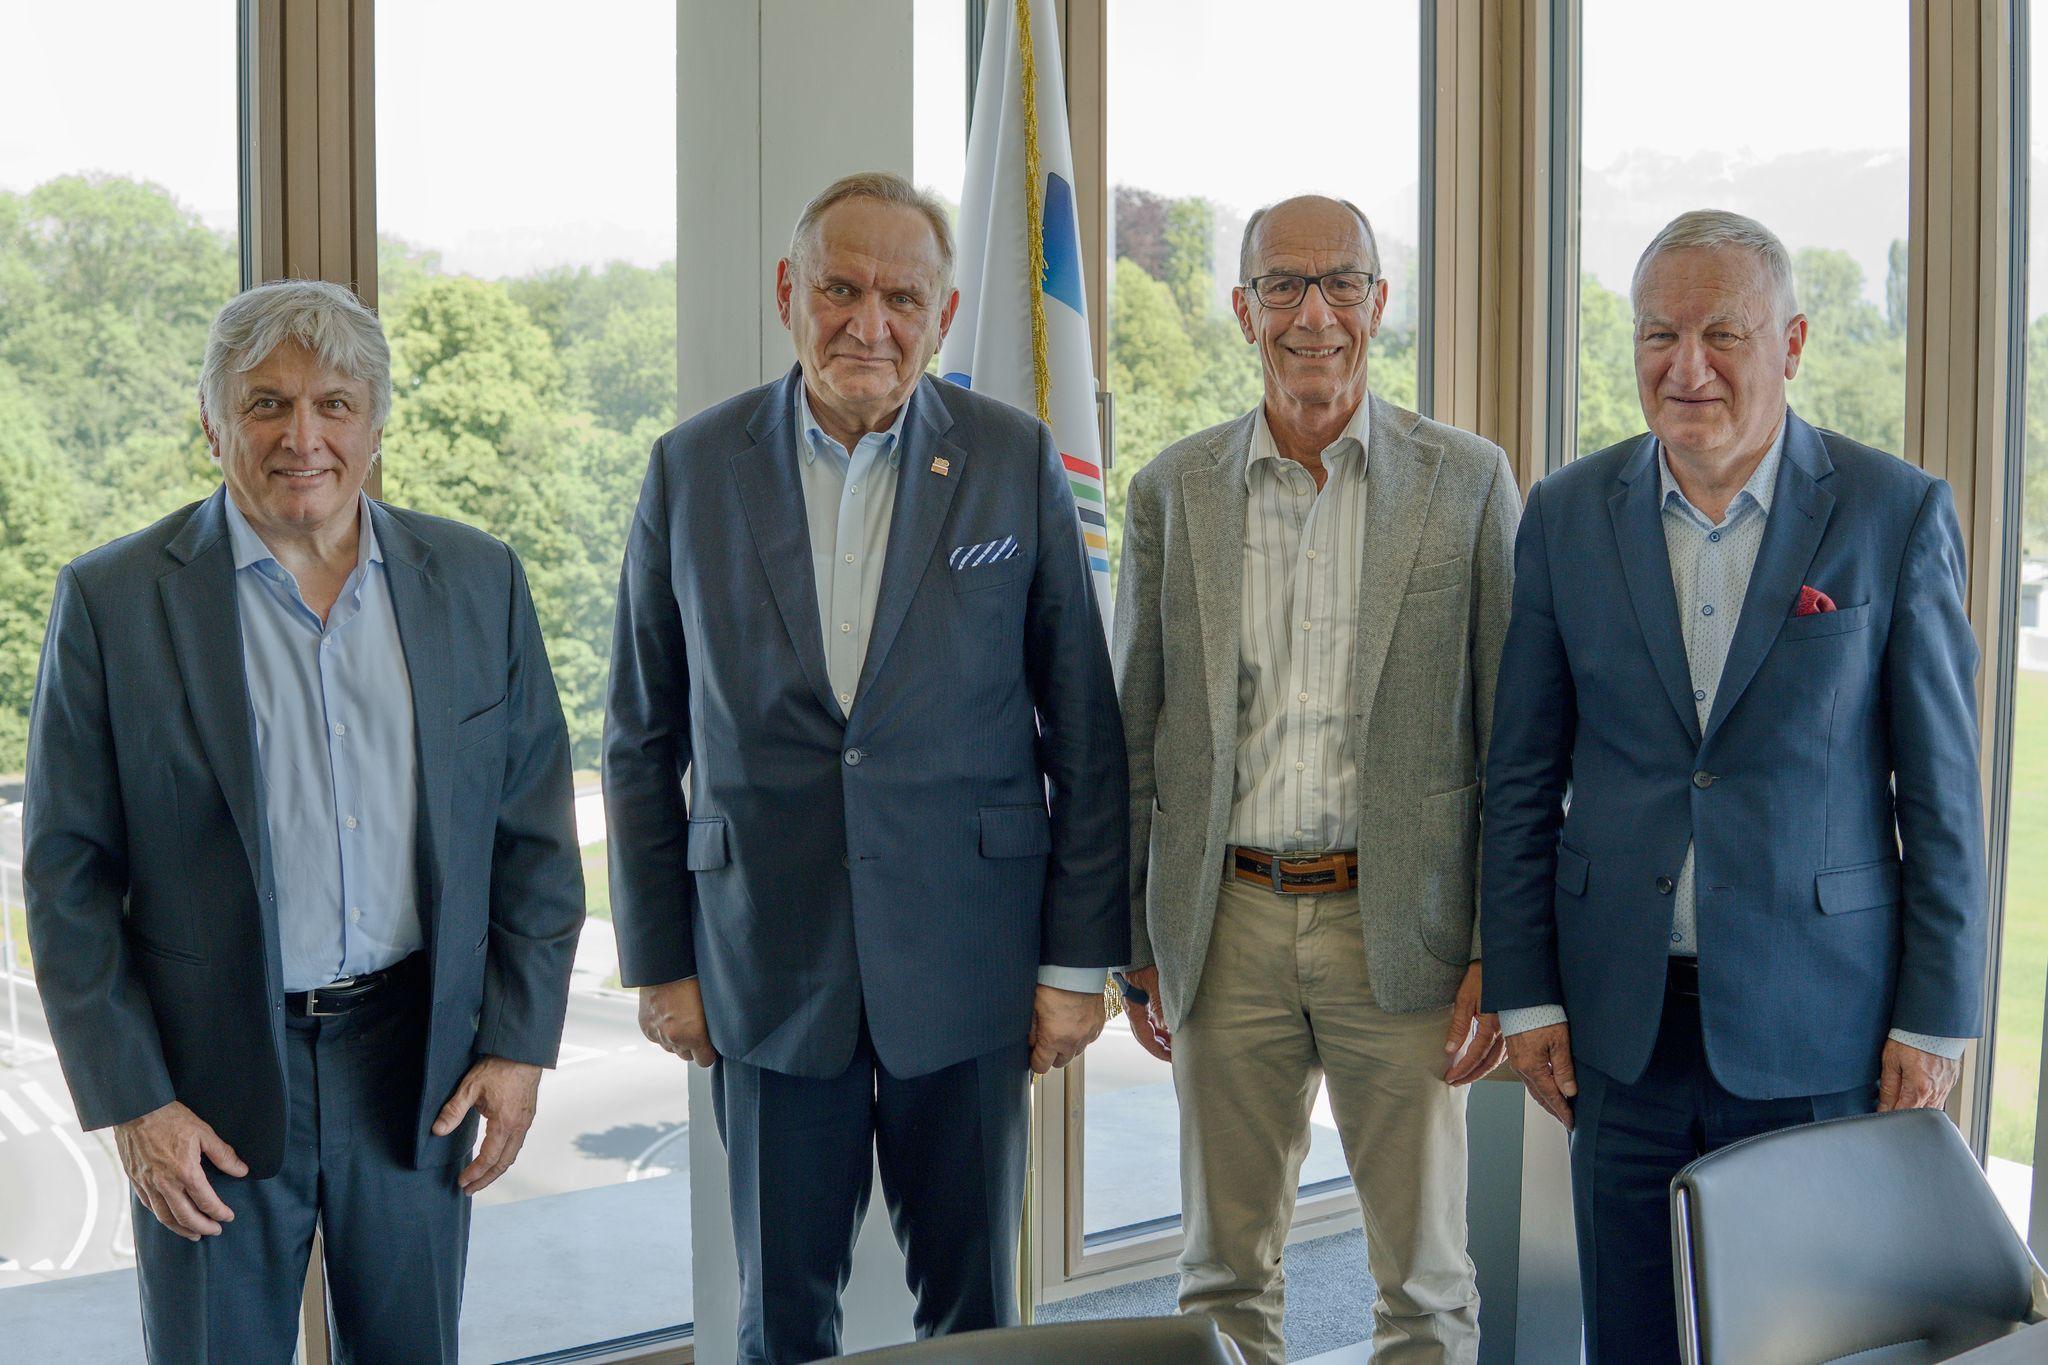 Polish Olympic Committee President Kraśnicki meets FISU leadership